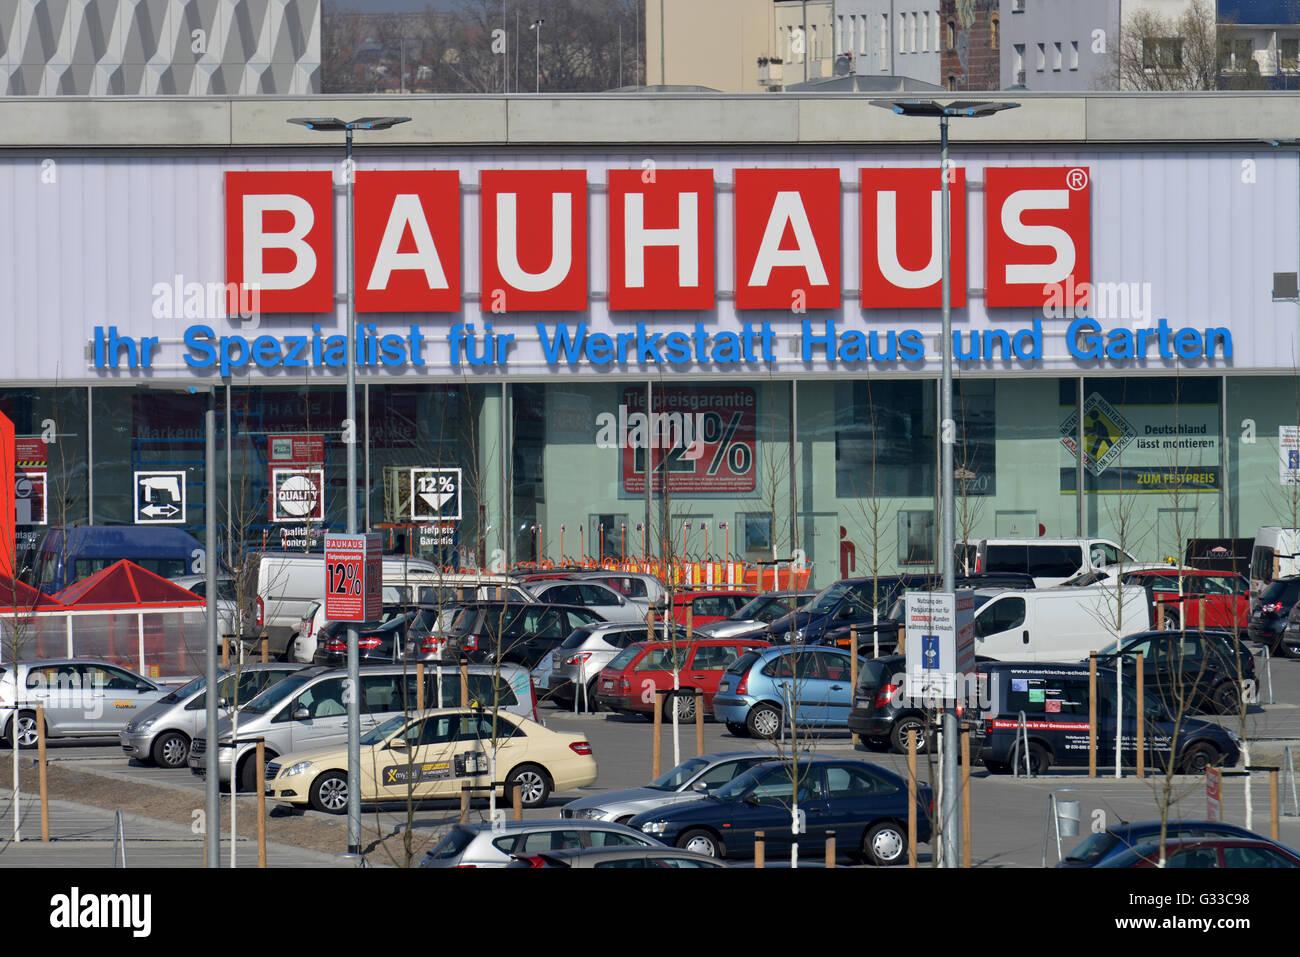 Bauhaus Halensee bauhaus kurfuerstendamm halensee berlin deutschland stock photo